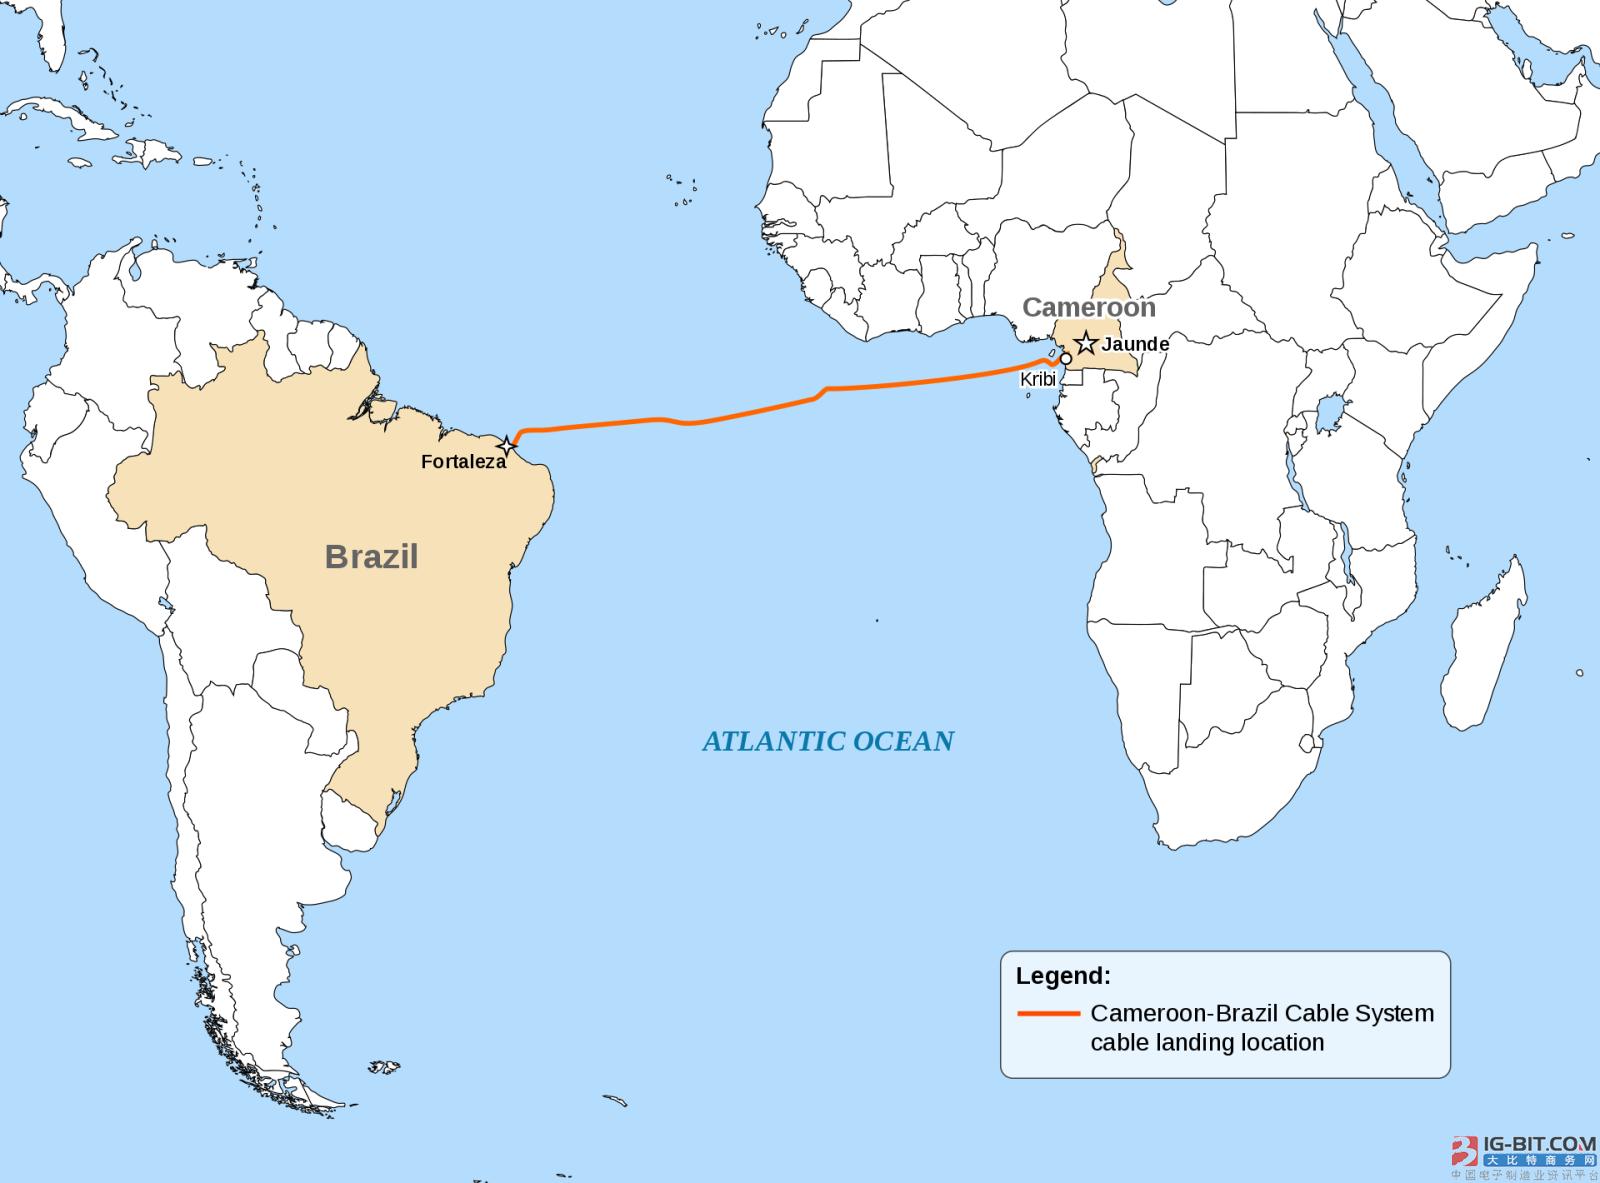 喀麦隆-巴西海底光缆系统完成海底部分铺设